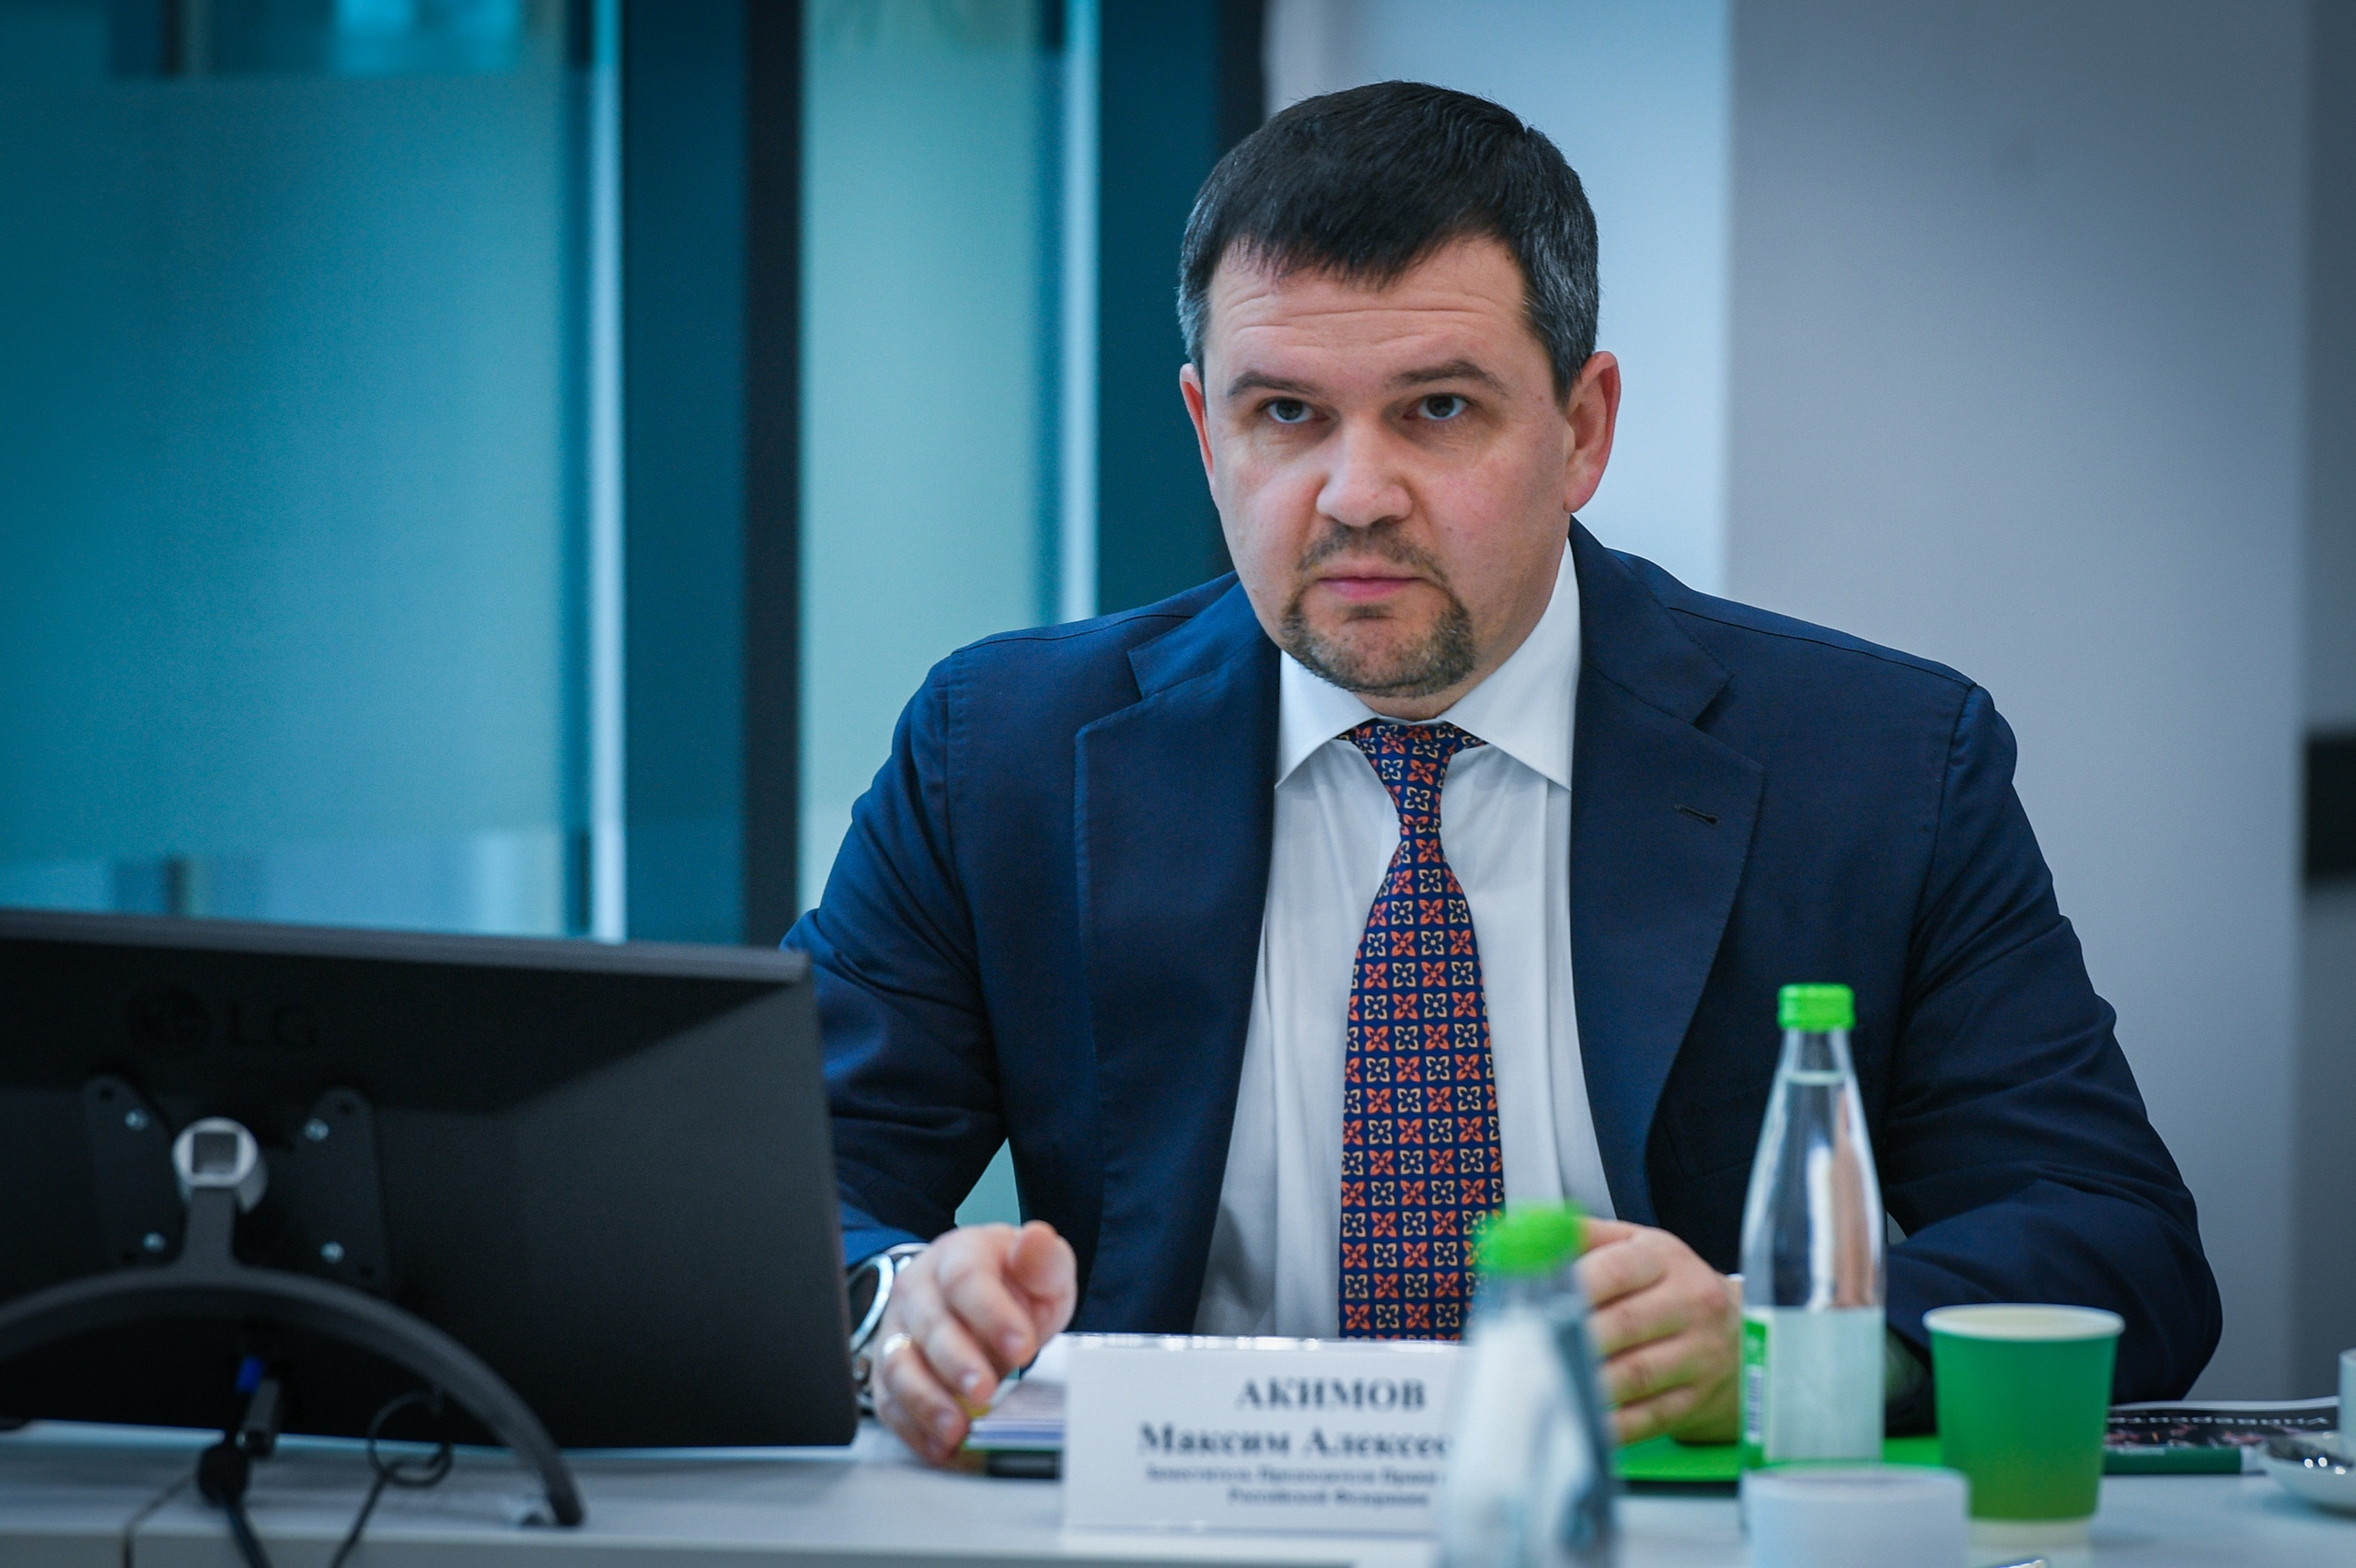 Вице-премьер РФ МАксим Акимов